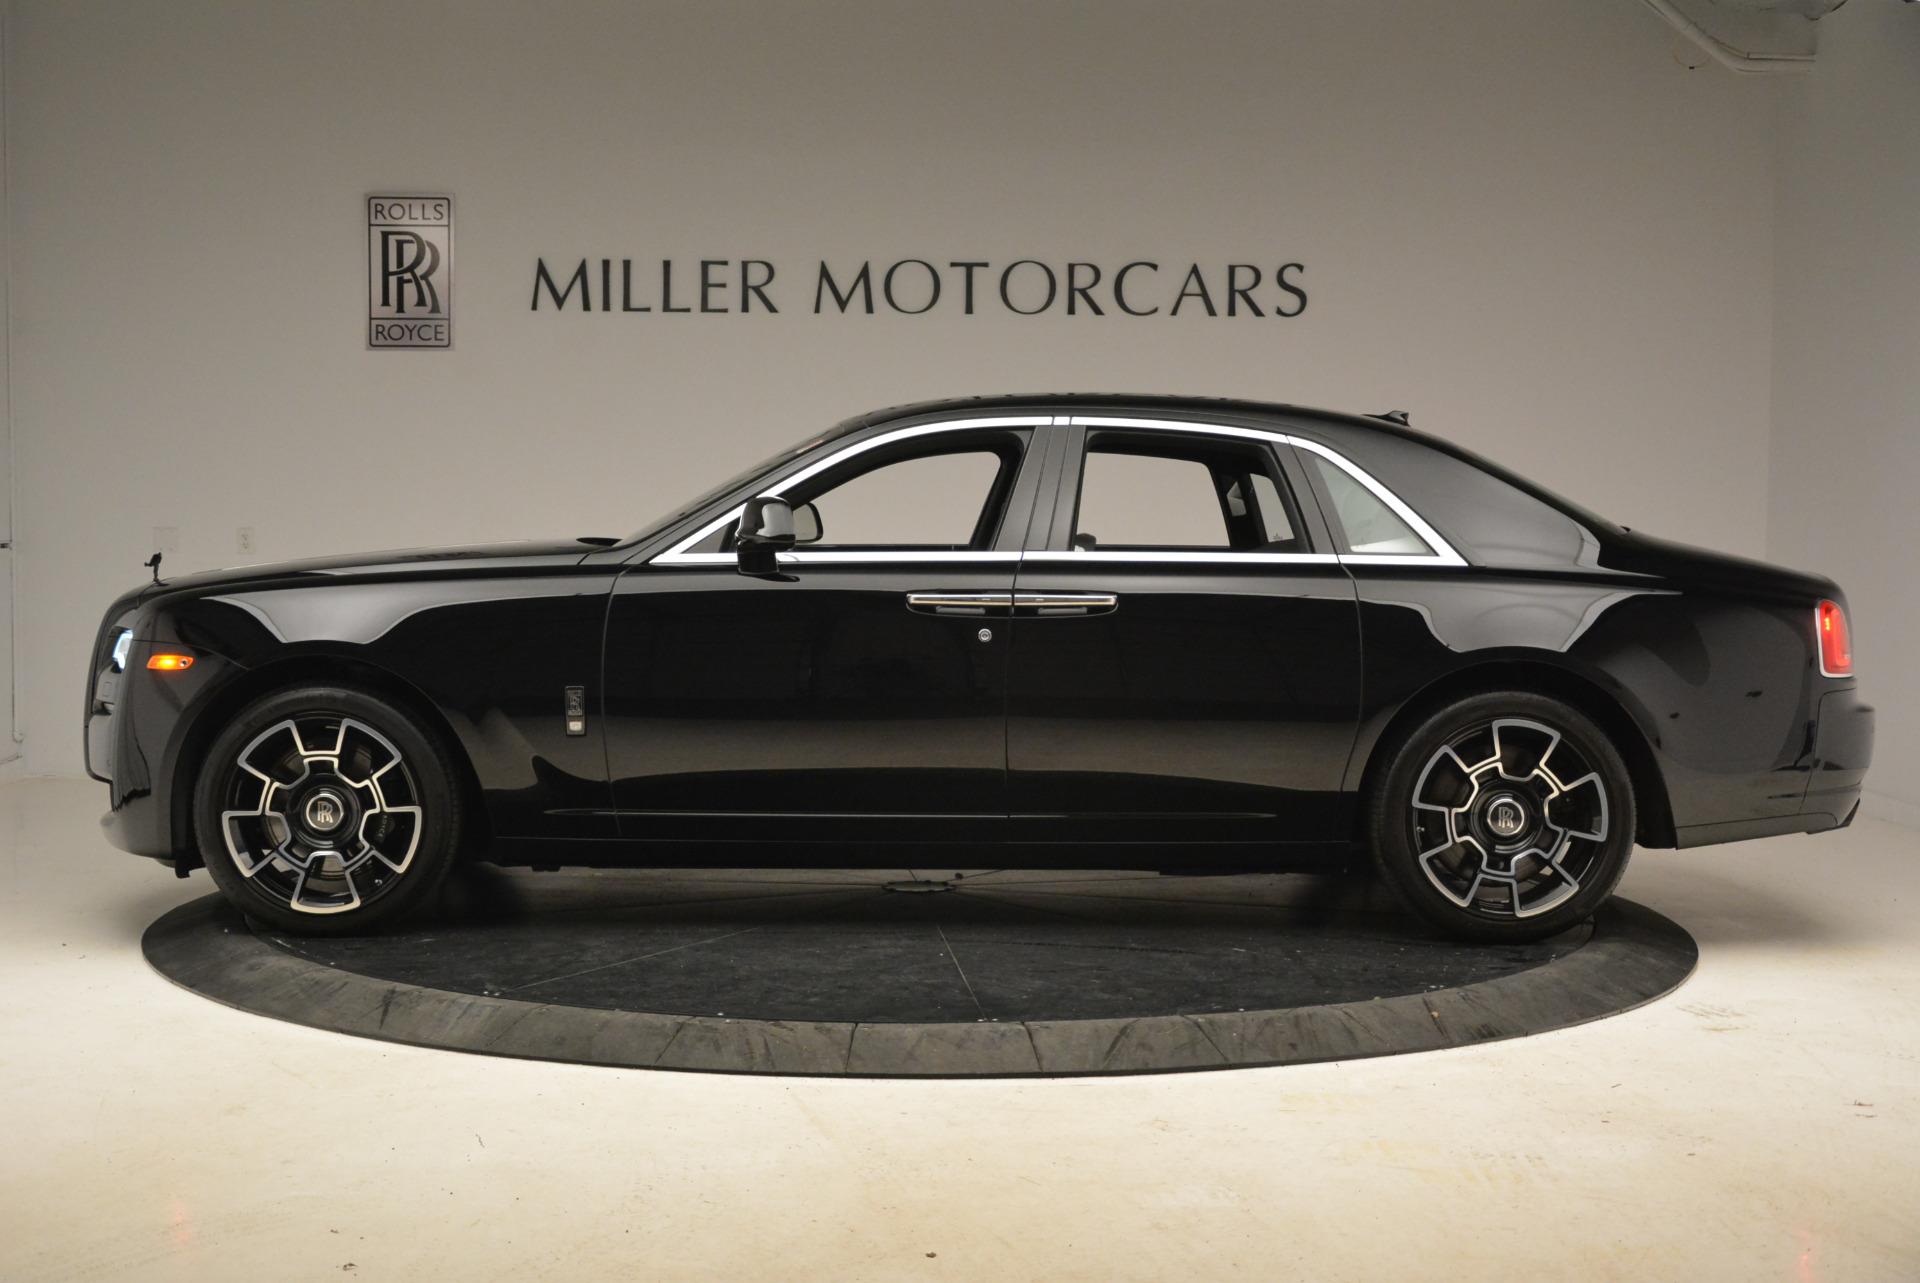 Used 2017 Rolls-Royce Ghost Black Badge For Sale In Westport, CT 2093_p2